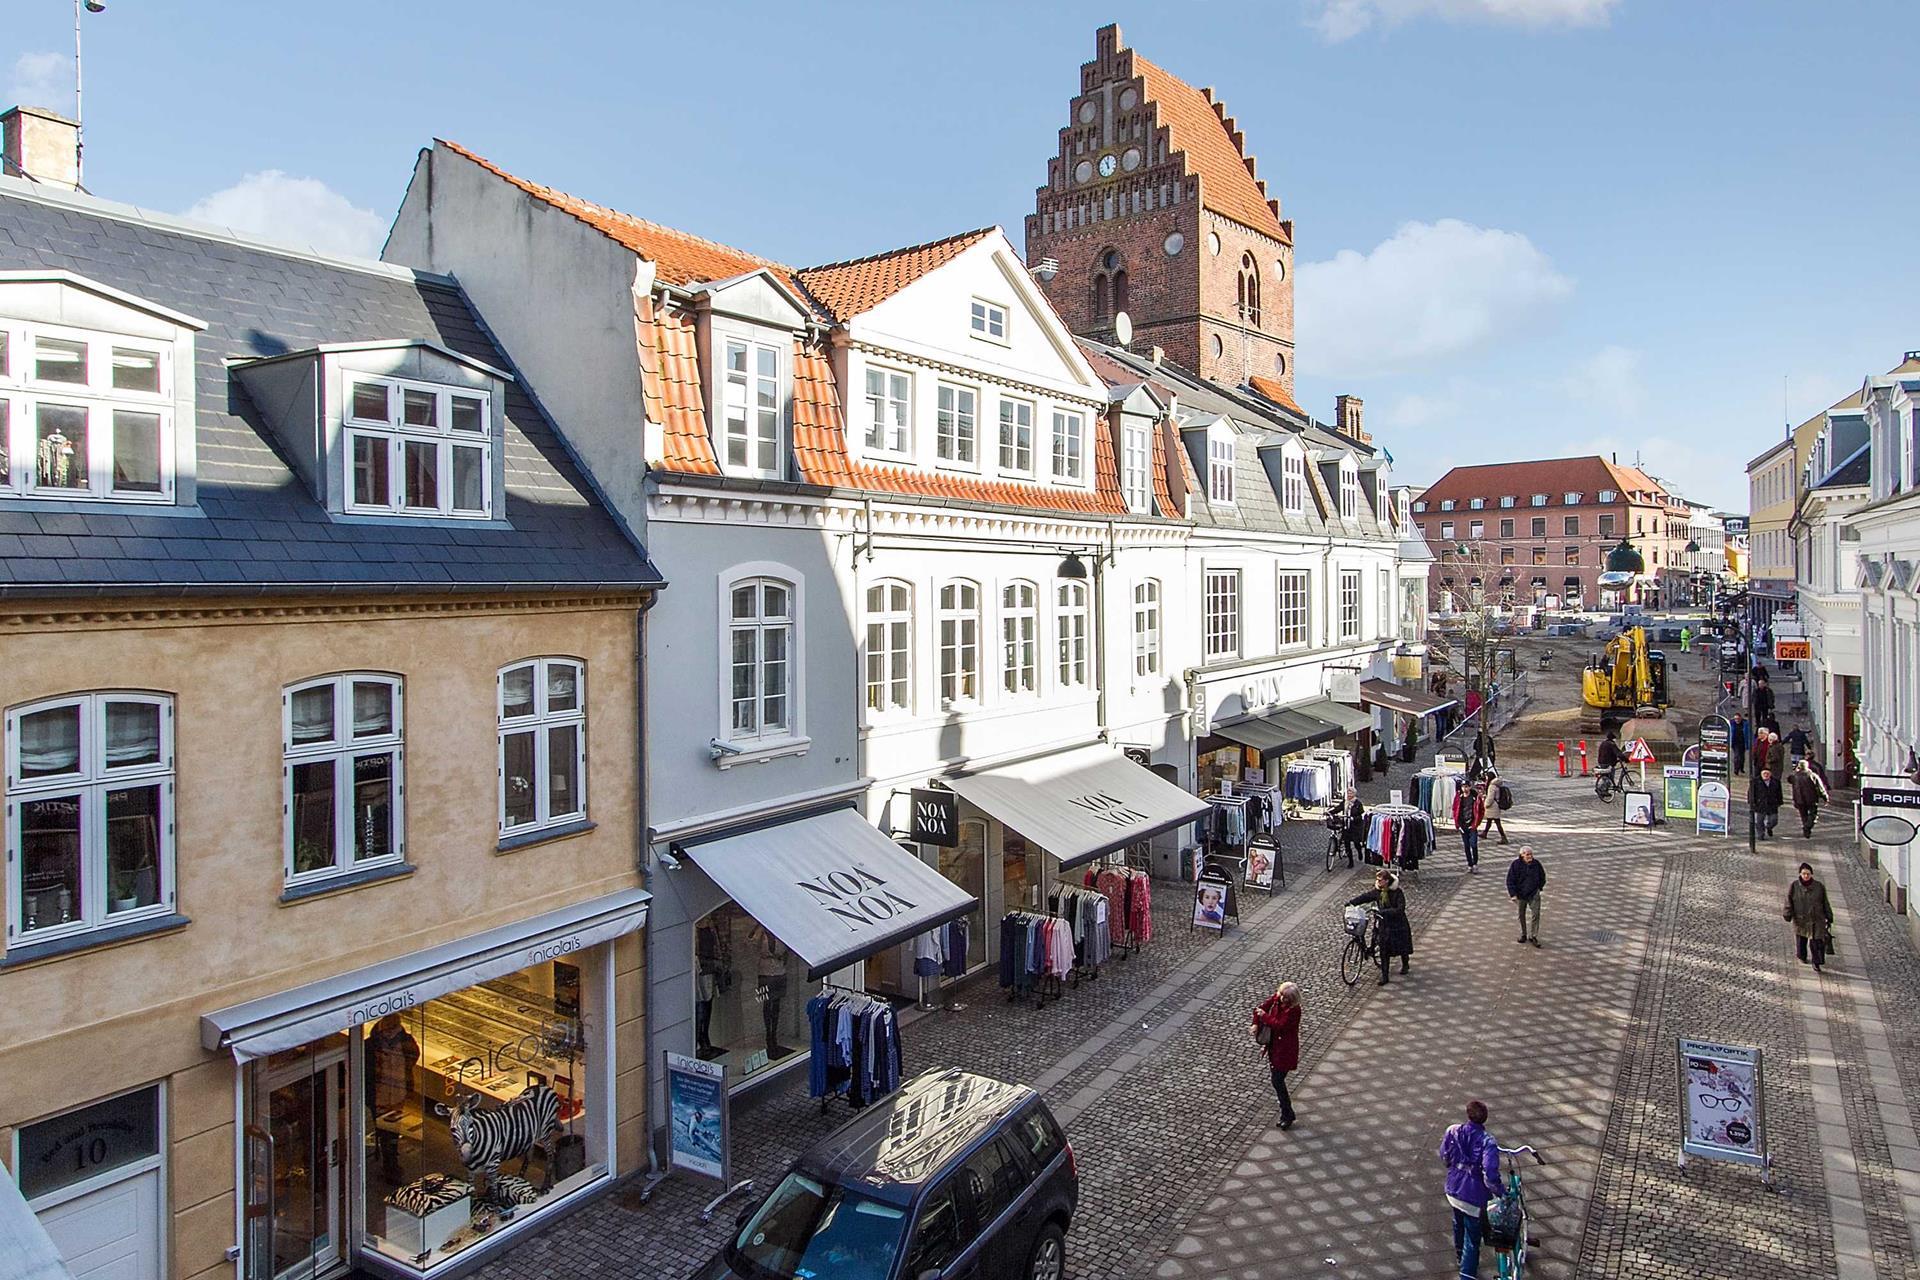 Bolig/erhverv på Skomagergade i Roskilde - Ejendommen